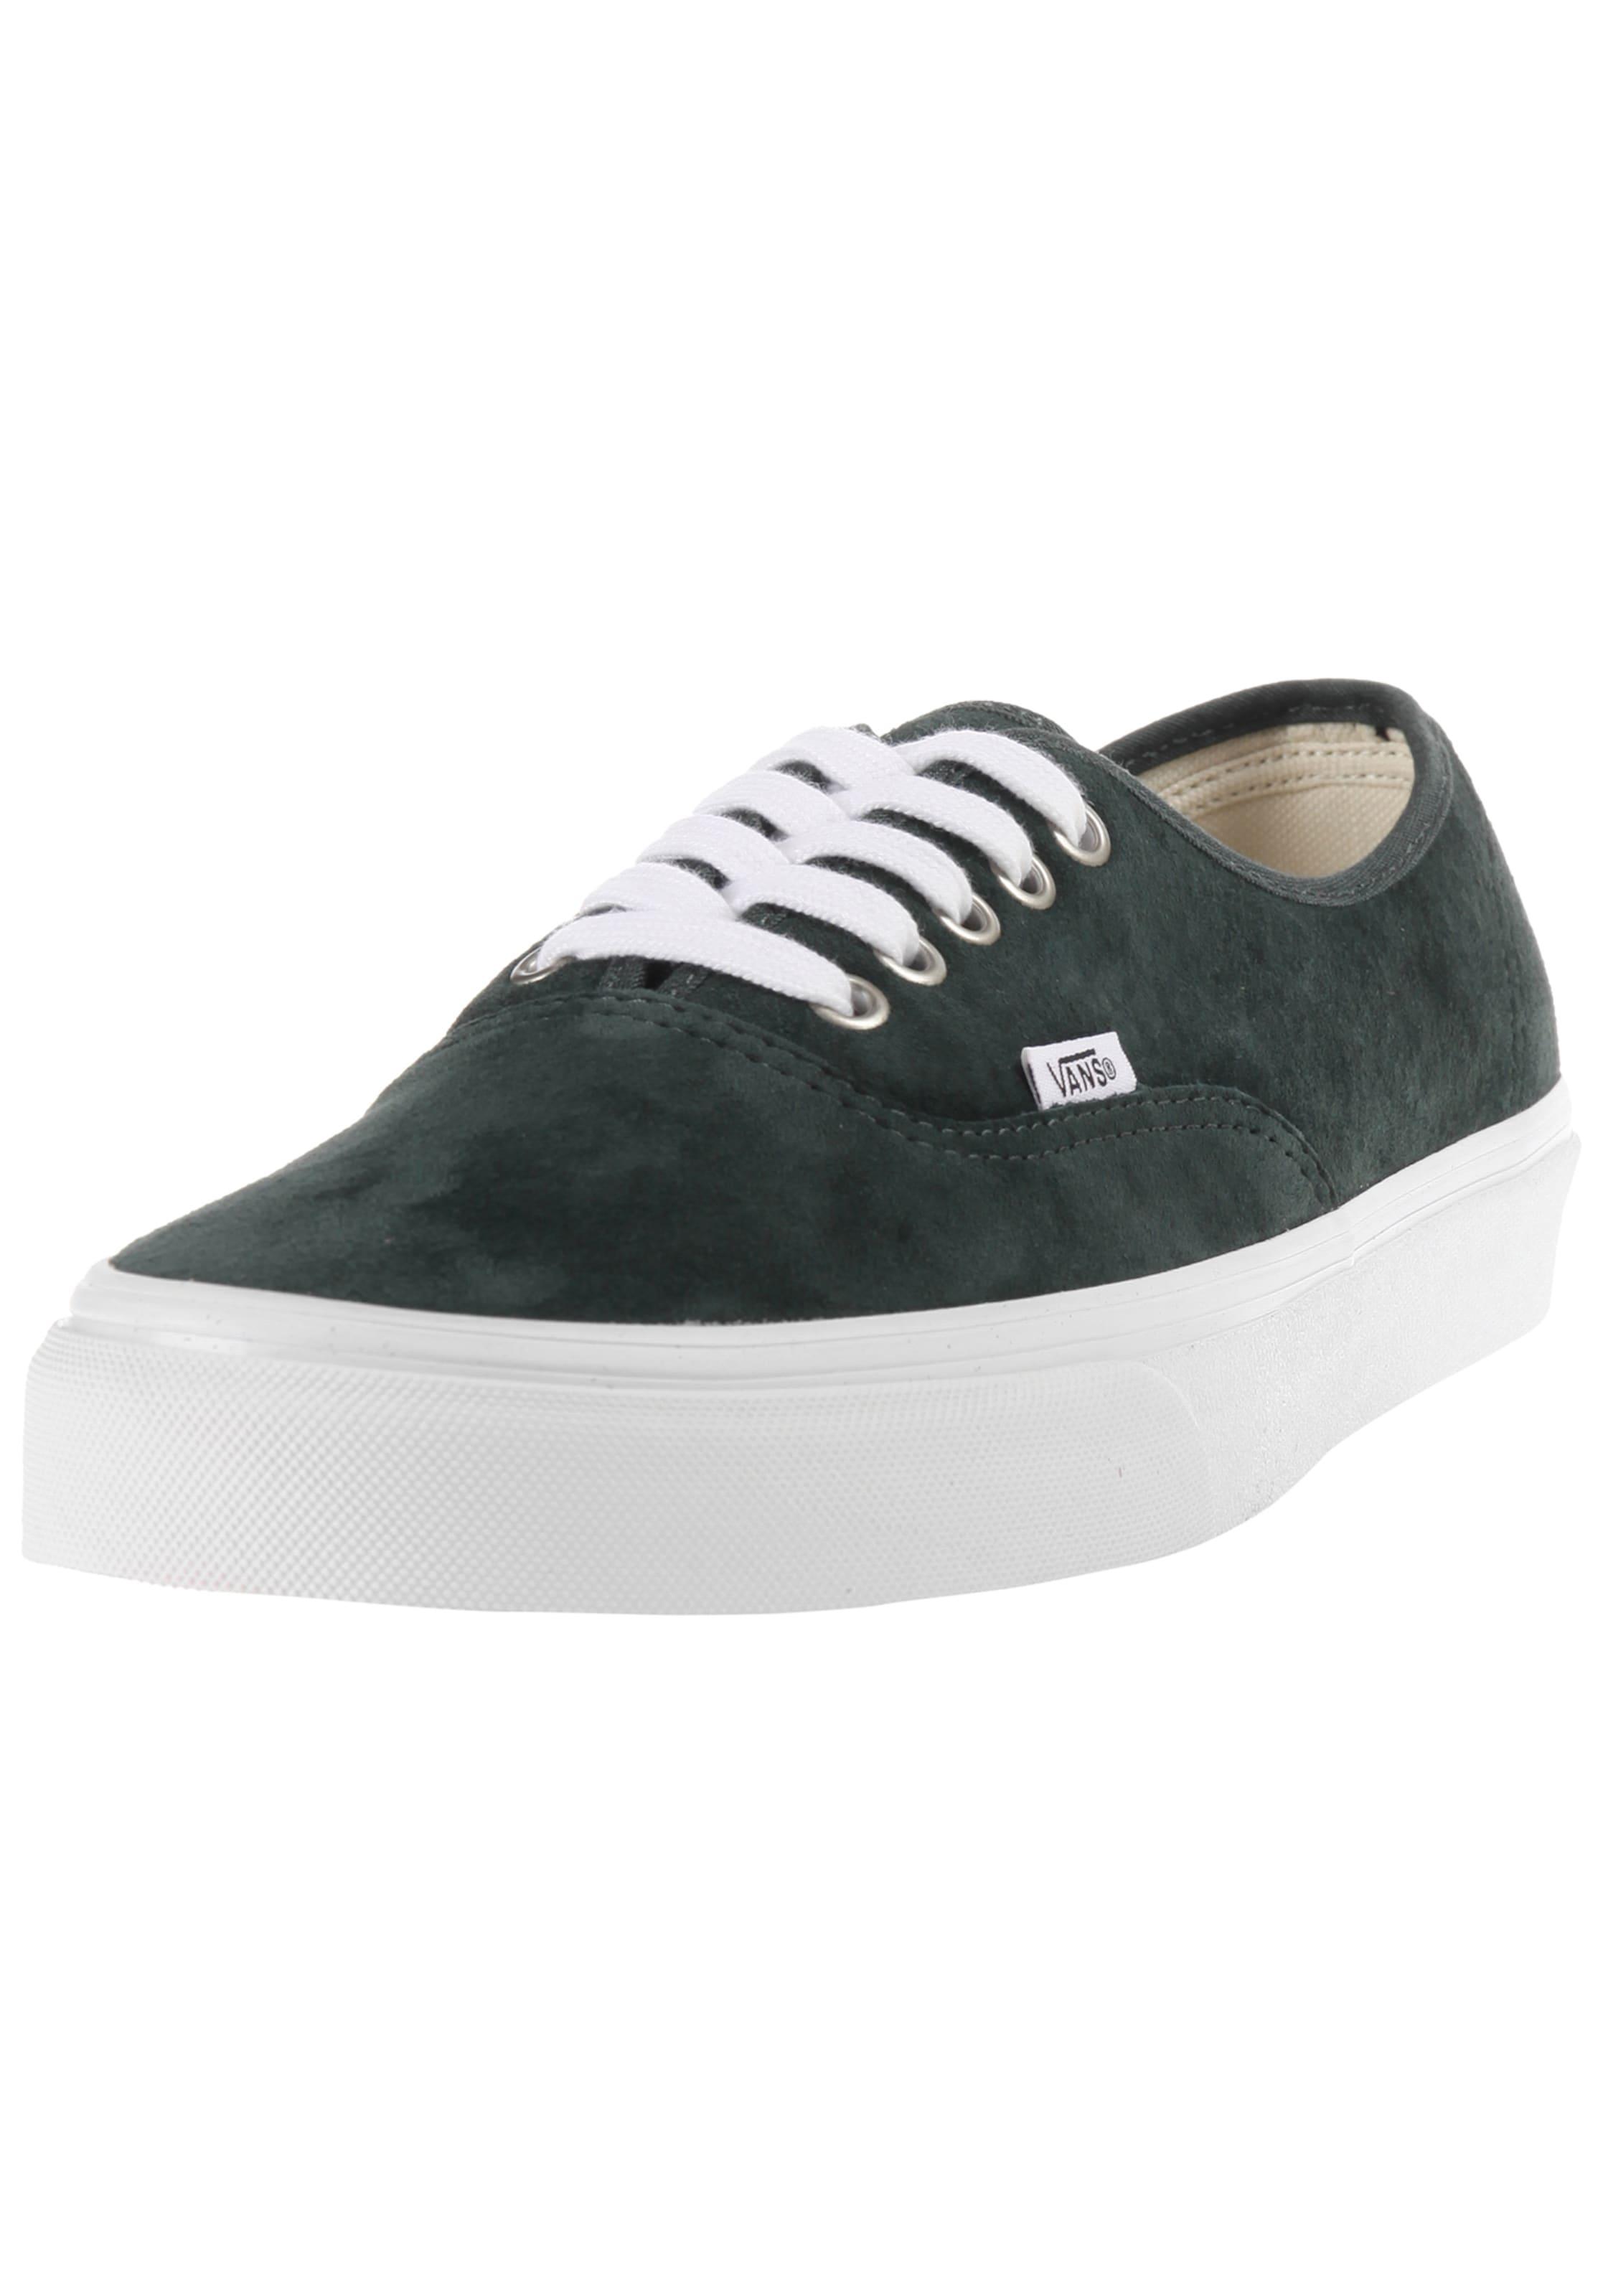 Sneaker 'authentic' Tanne Tanne In Vans Sneaker 'authentic' In Vans m0wN8n